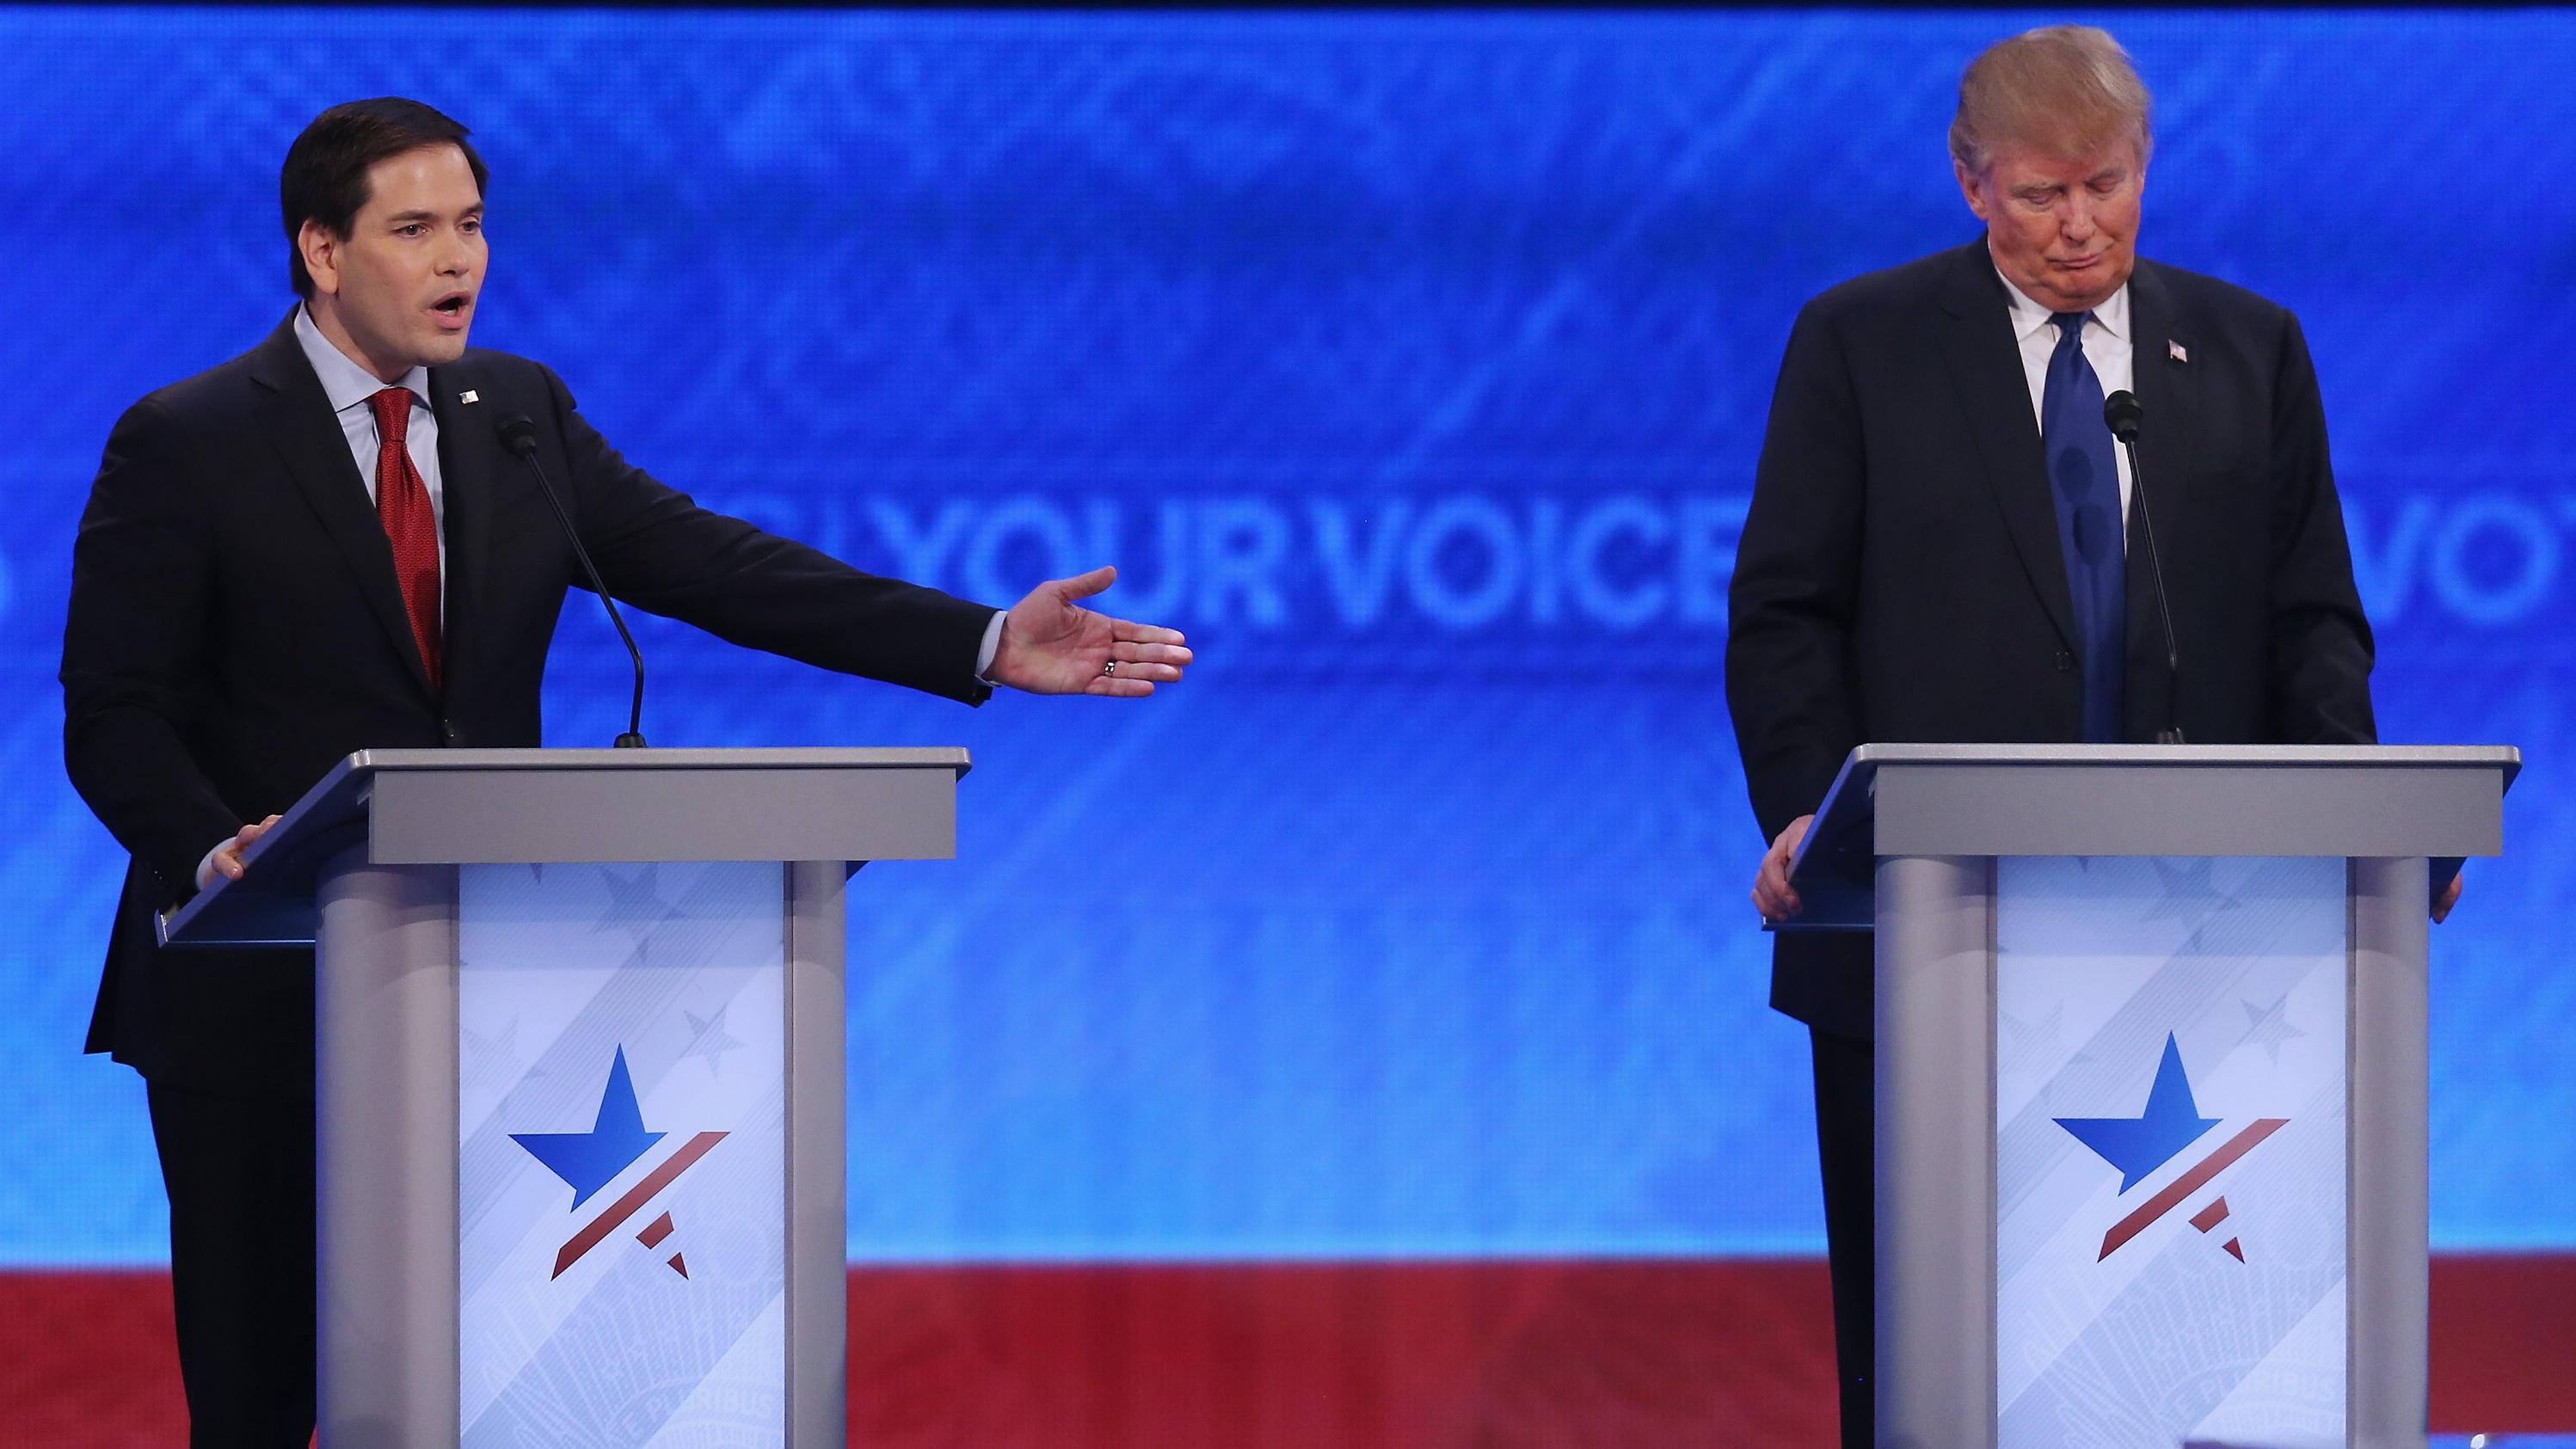 Rubio Becomes Target In Republican Presidential Debate